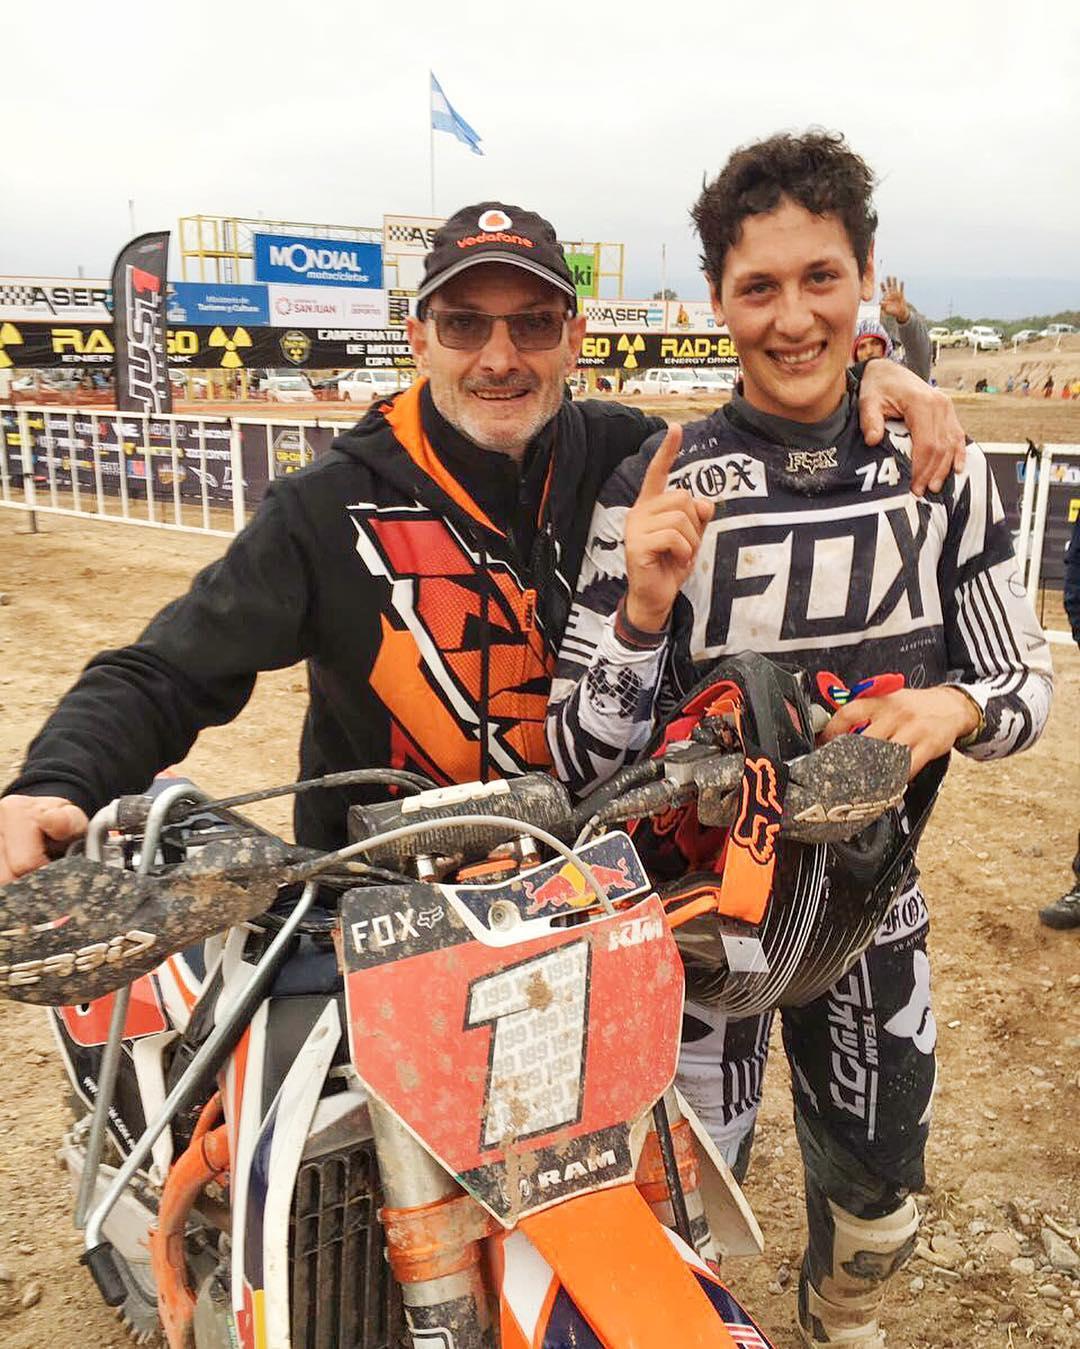 @joaquinpoli199 primero en la fecha del Campeonato Argentino de Motocross. Felicitaciones Joaco!  En la foto con Calabaza que siempre lo acompaña en todas las competencias.